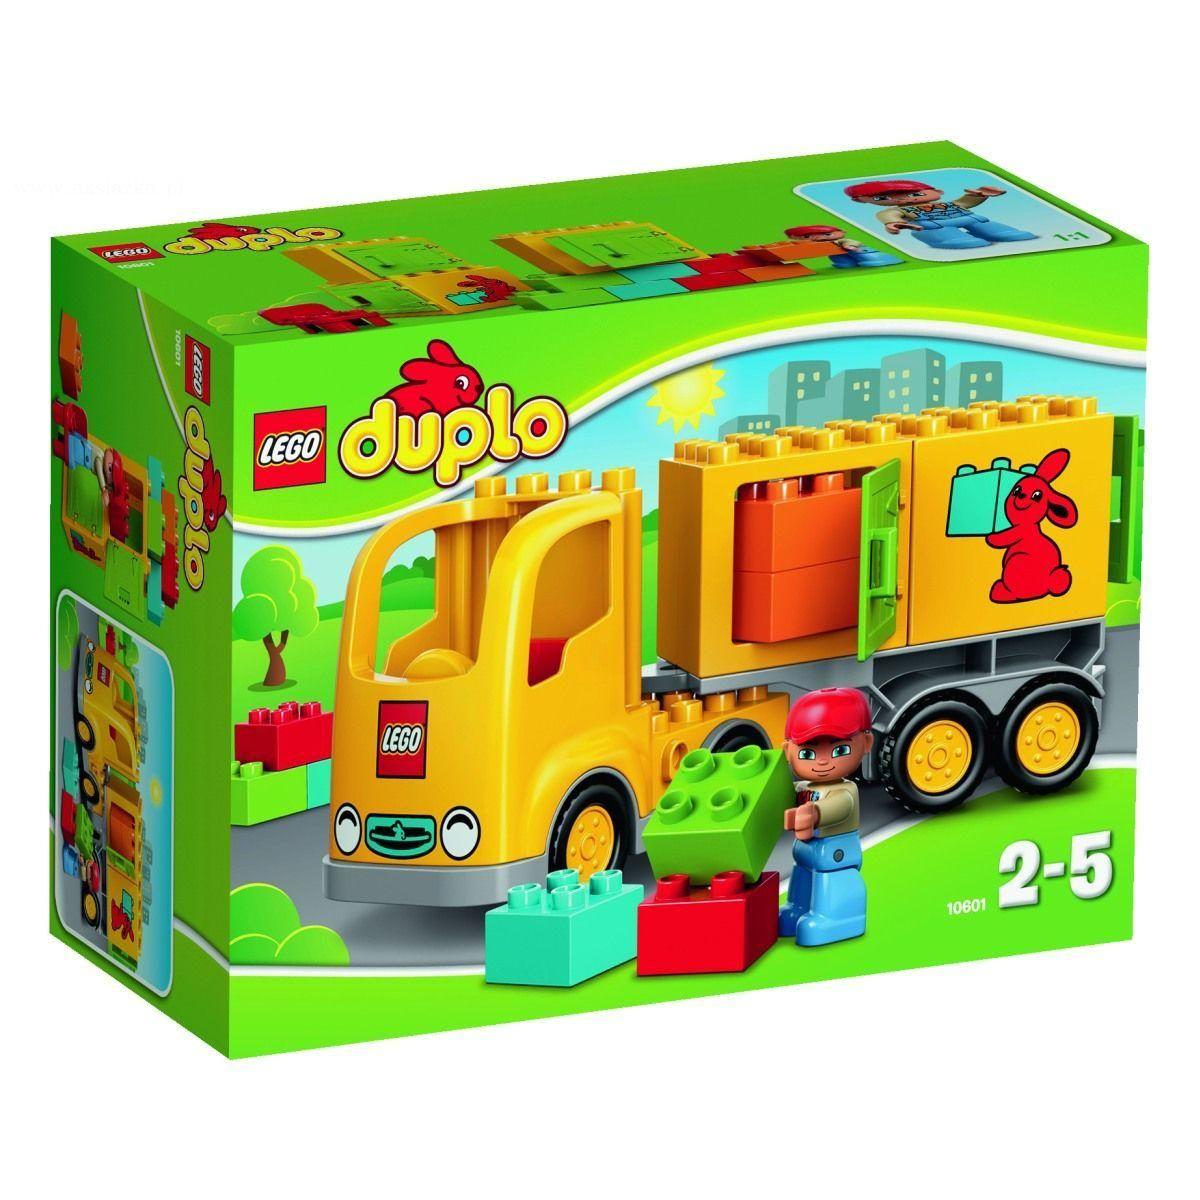 Lego Duplo 10601 Ciężarówka Nowe Kraków 7089723346 Oficjalne